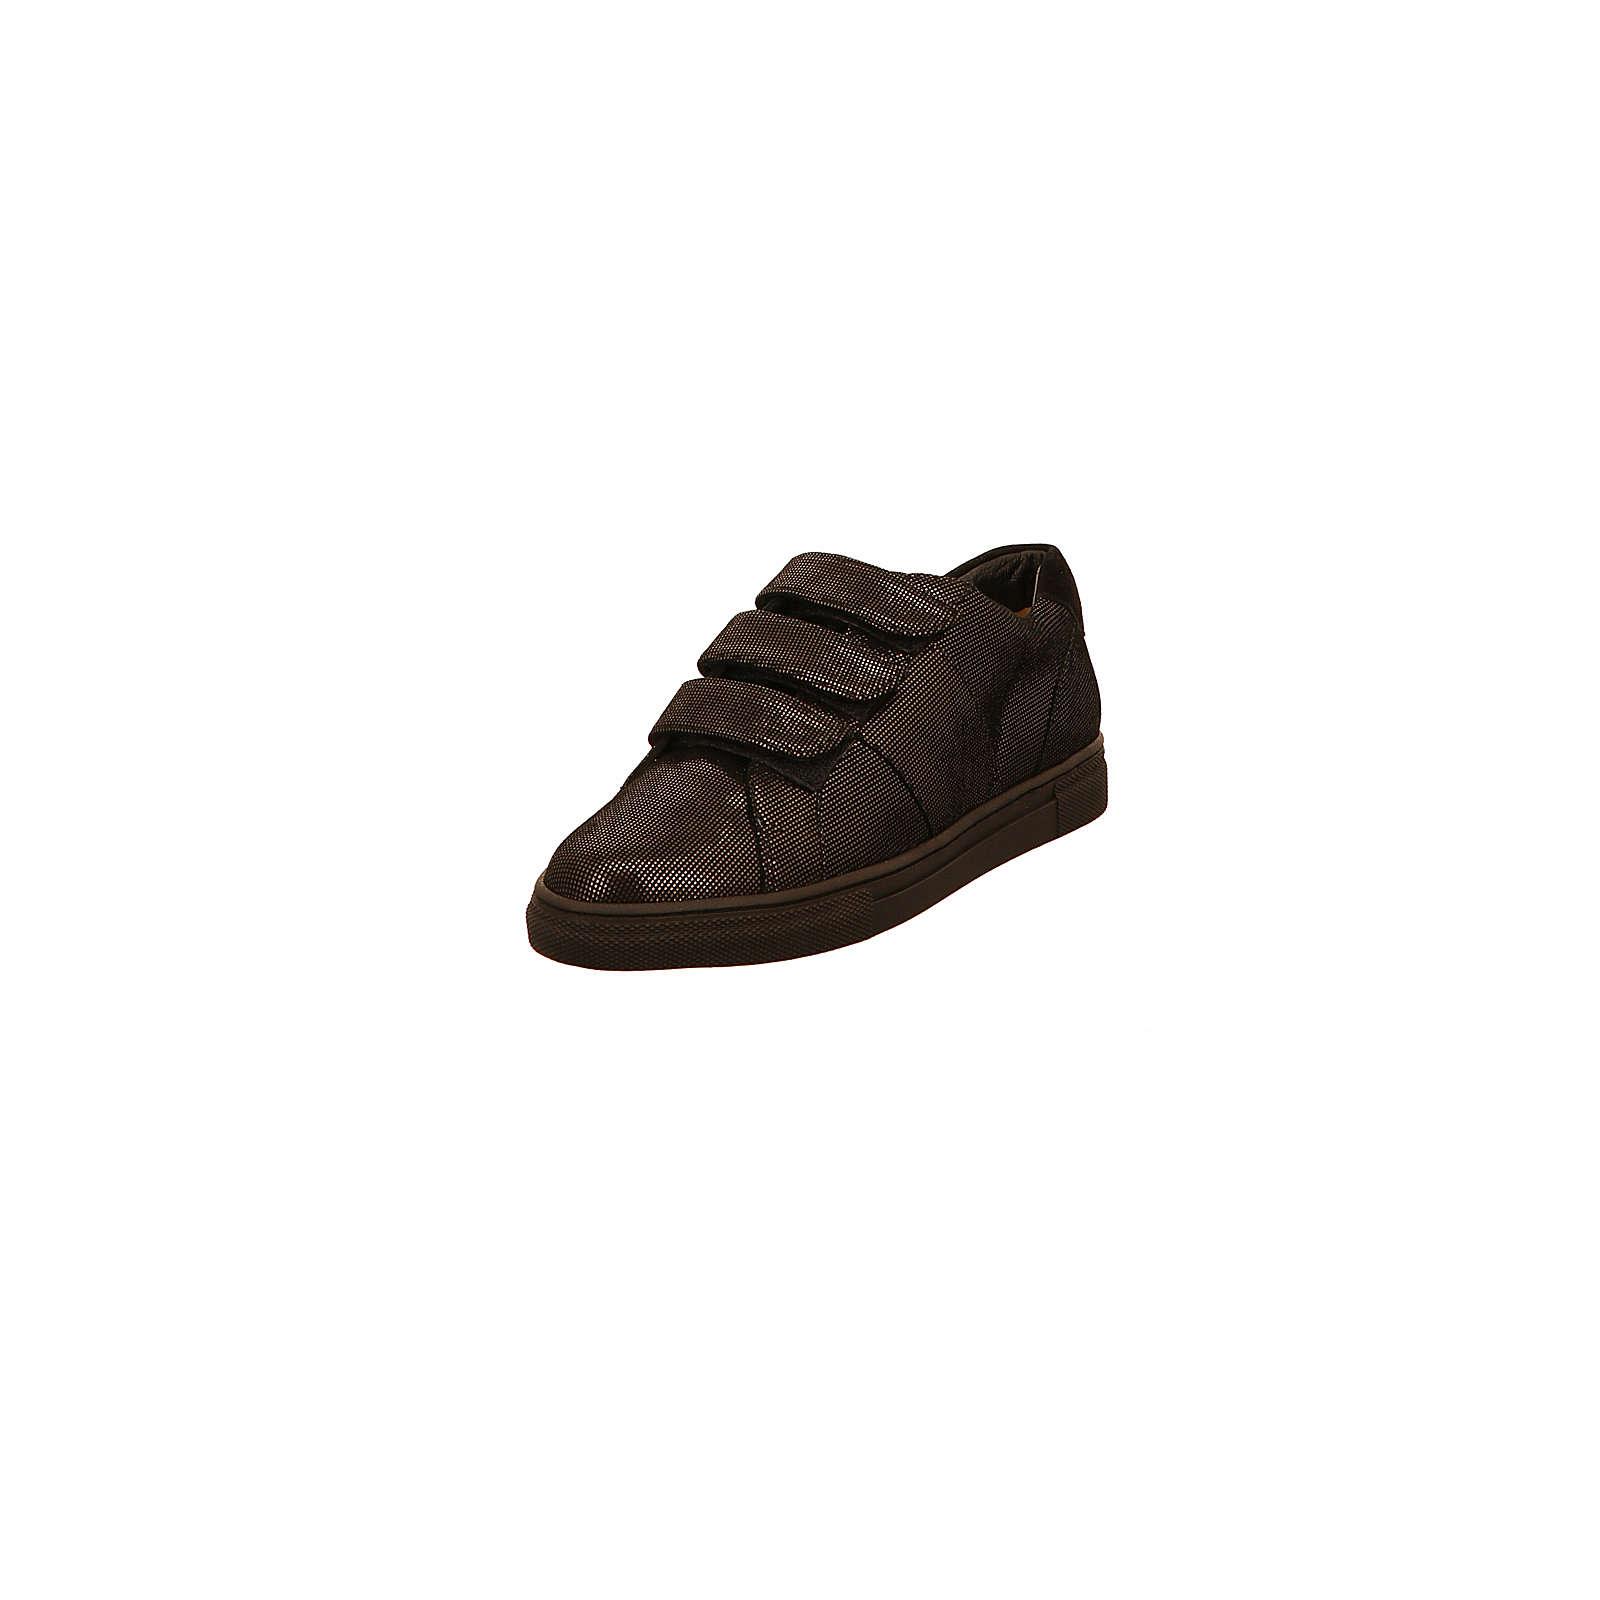 Hassia Slip-On-Sneaker schwarz Damen Gr. 38